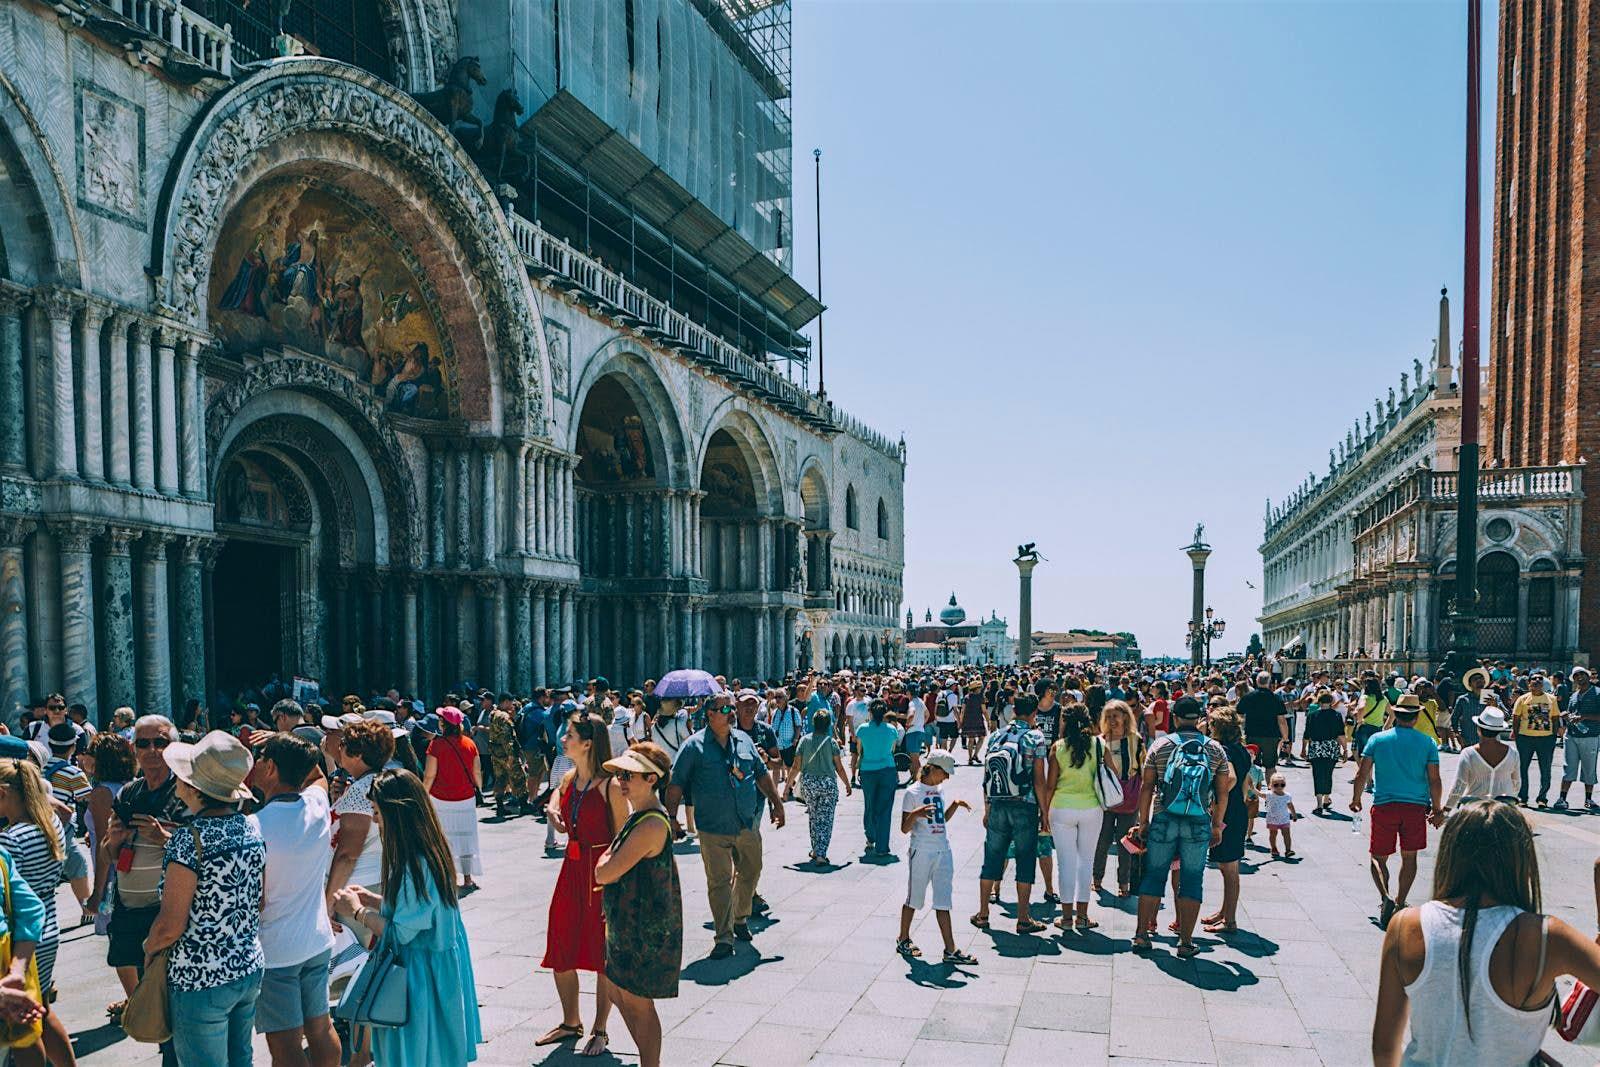 Ein Schuss von bunten Touristenmassen in den Straßen von Venedig